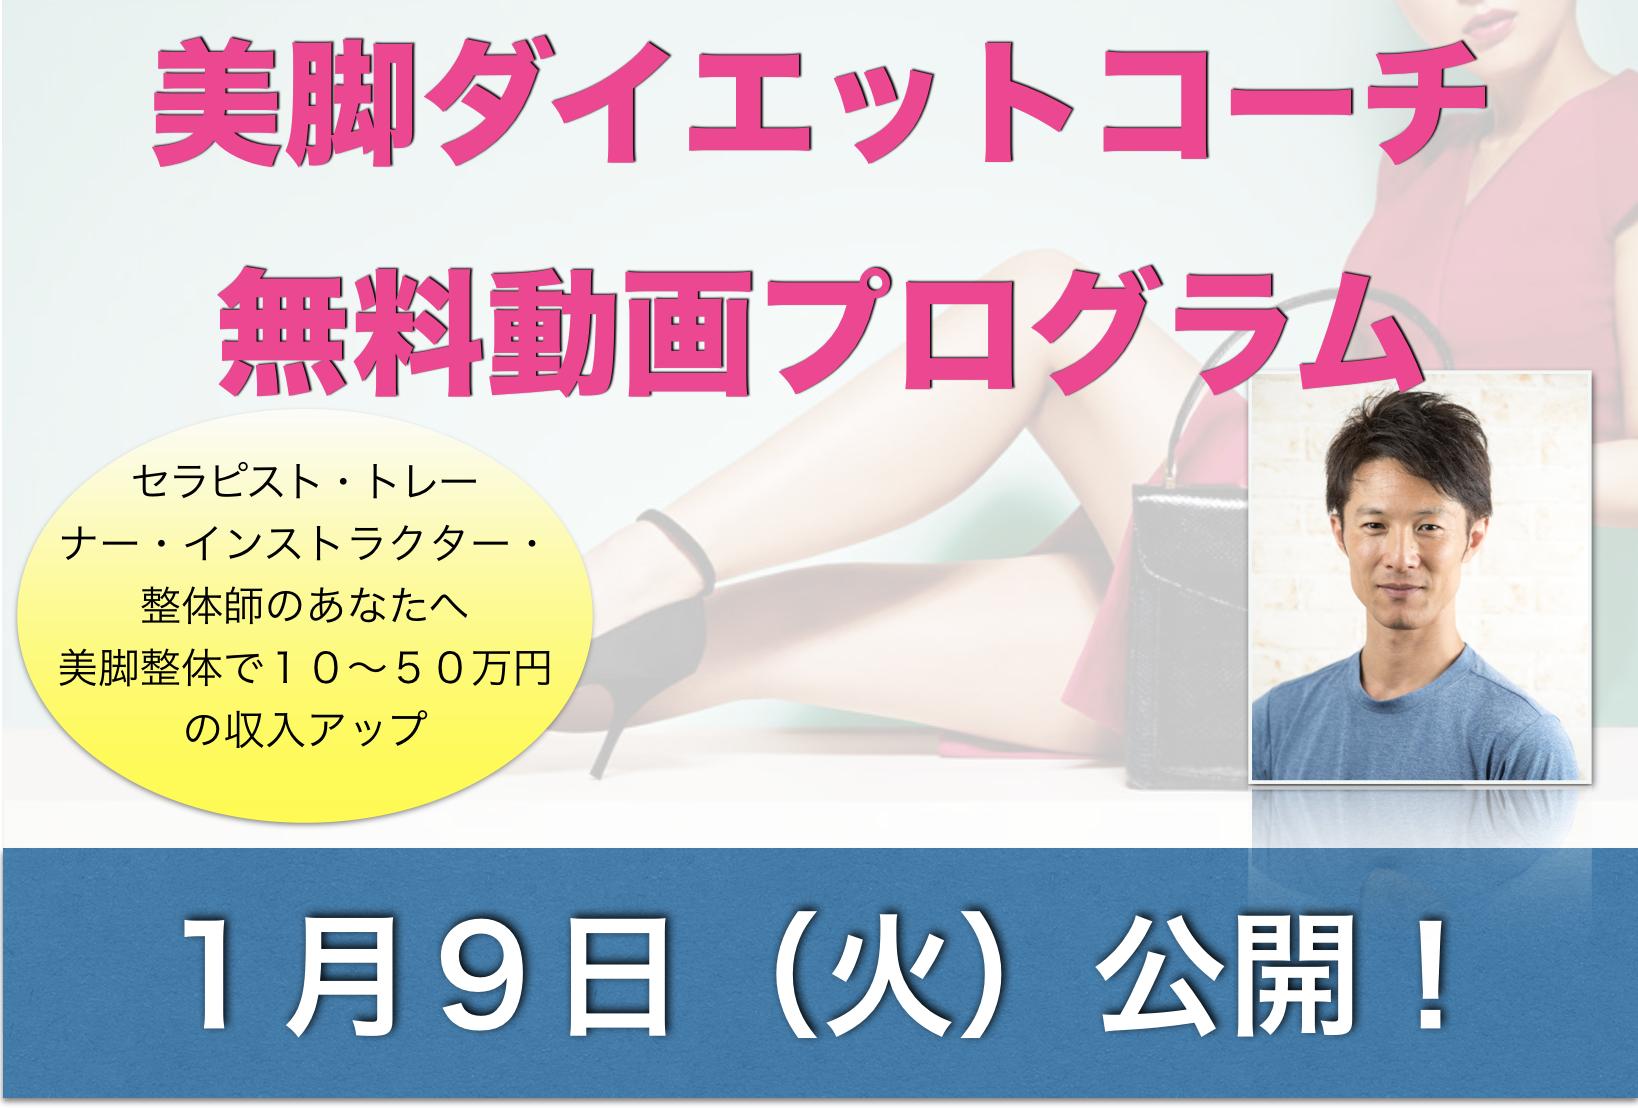 【あと3日】講座スタート日程を公開!